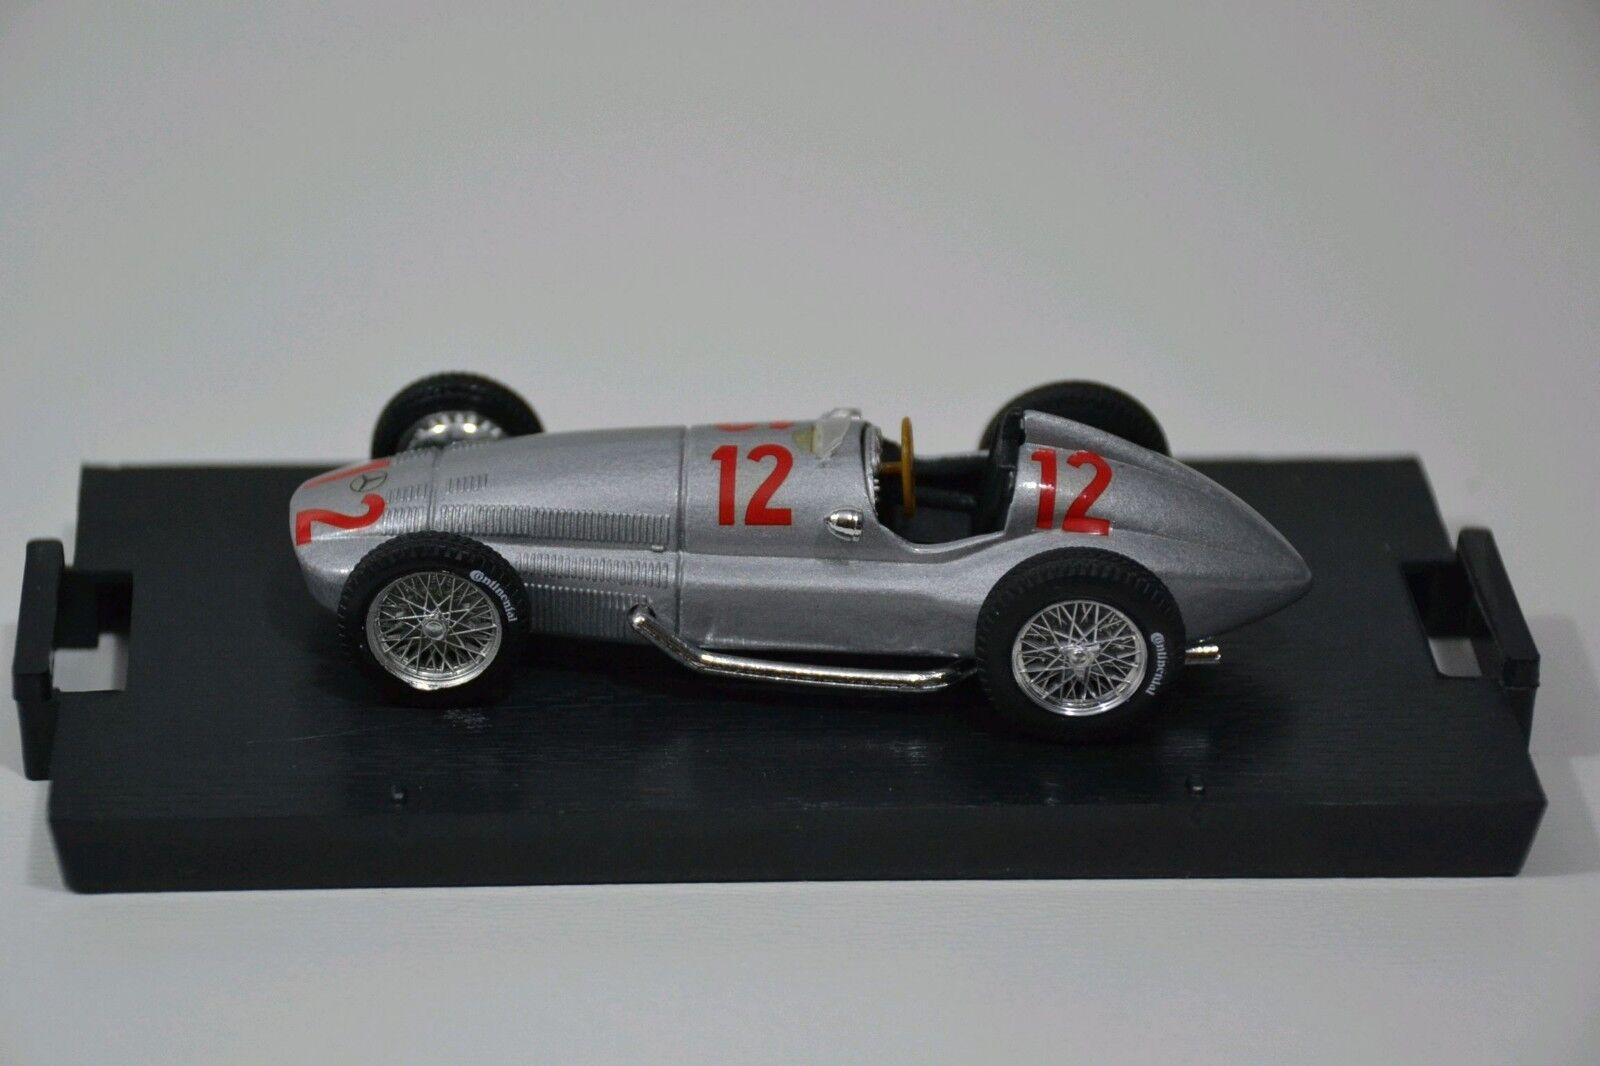 Modello di auto, età MERCEDES auto sportive, probabilmente anno di costruzione 1930